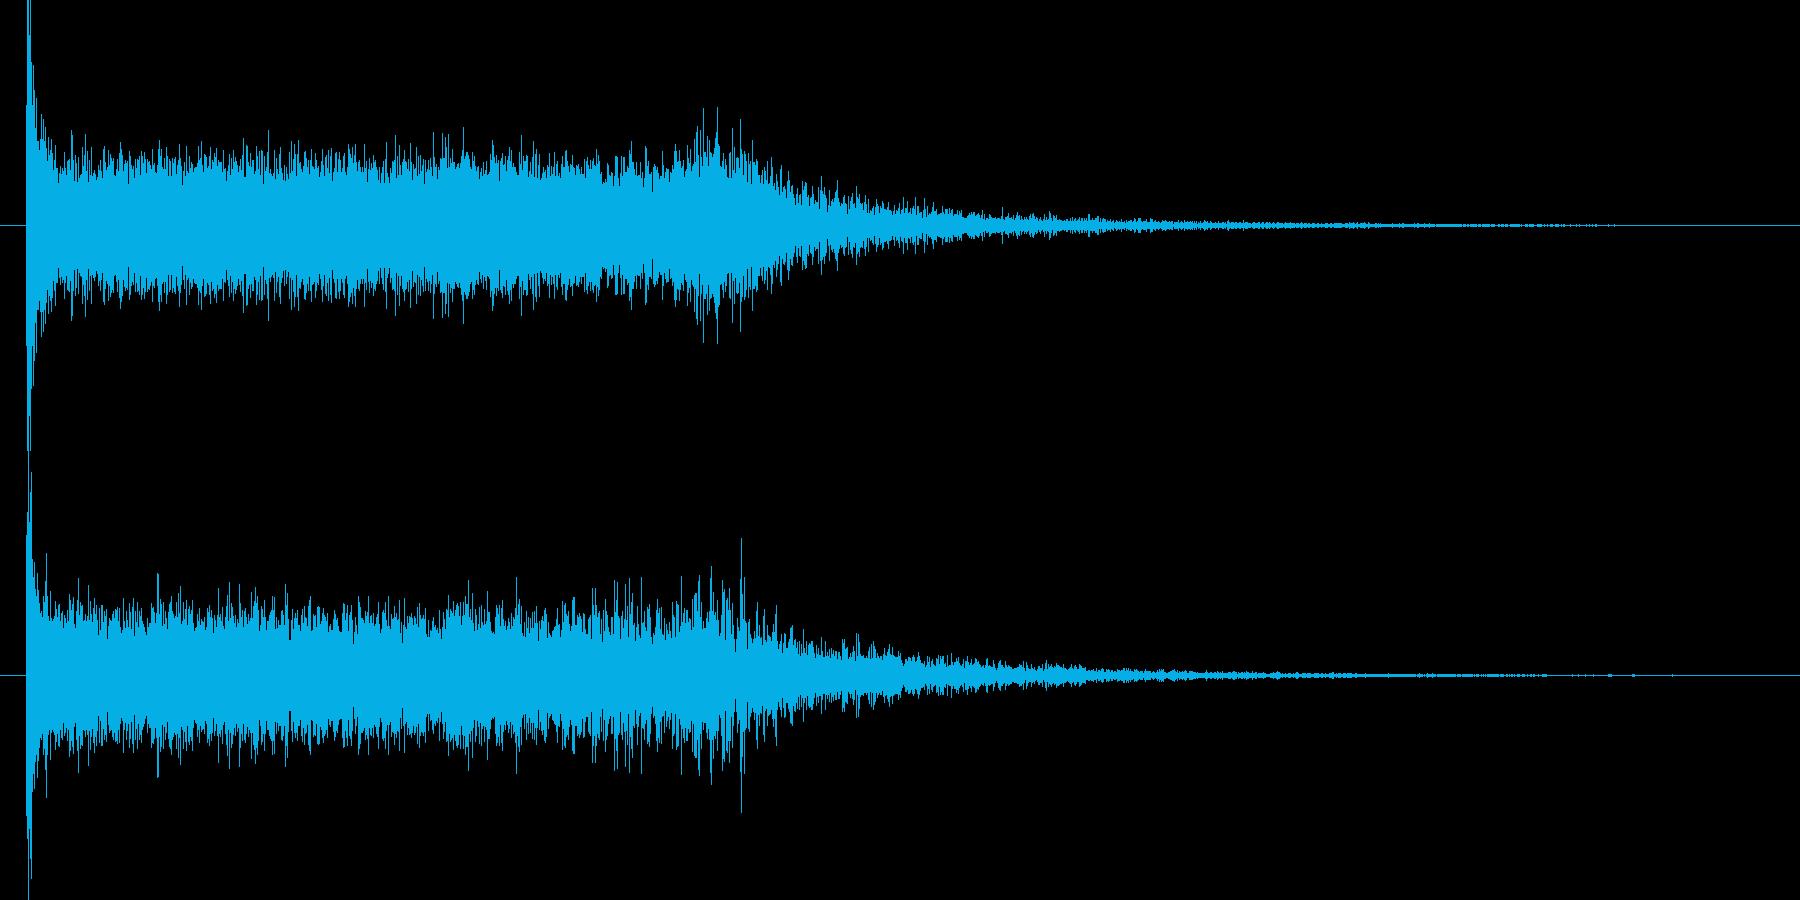 「ガーン シュワーン(打撃音)」の再生済みの波形